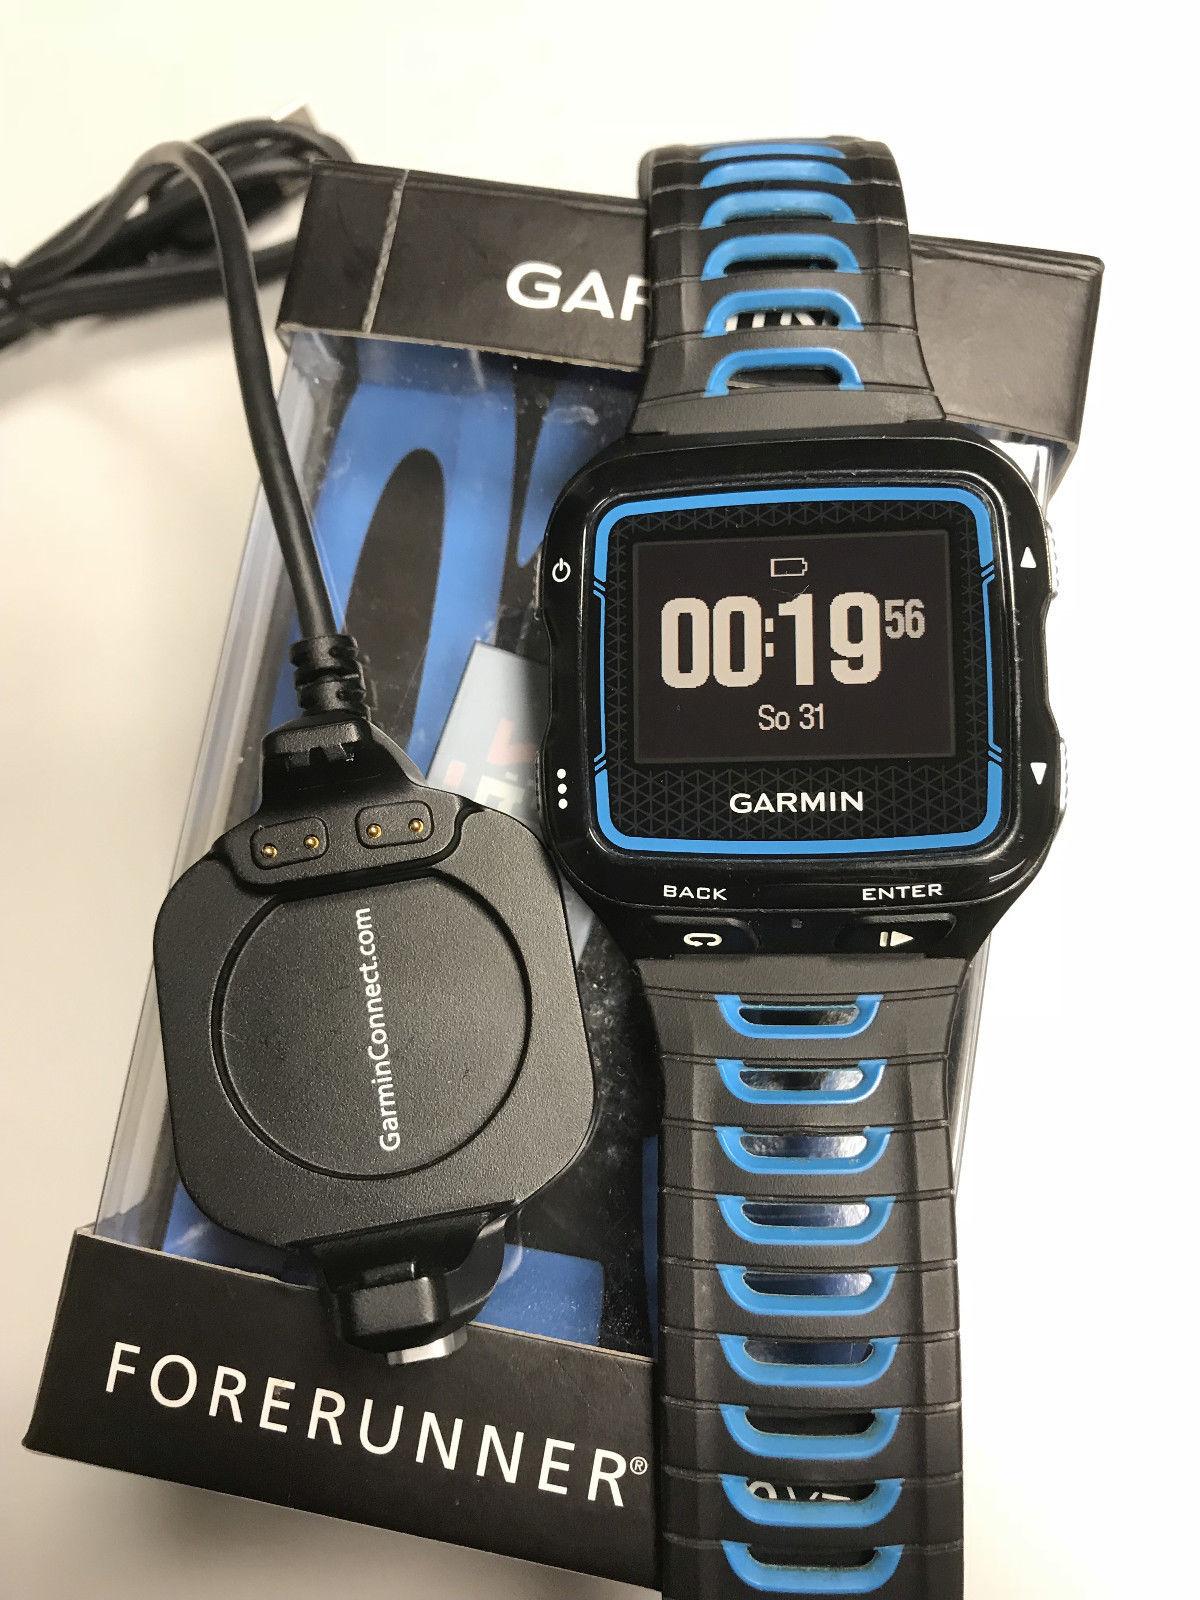 GArmin Forerunner 920XT . . . Display kratzfrei . . . Rechnung mit Restgarantie